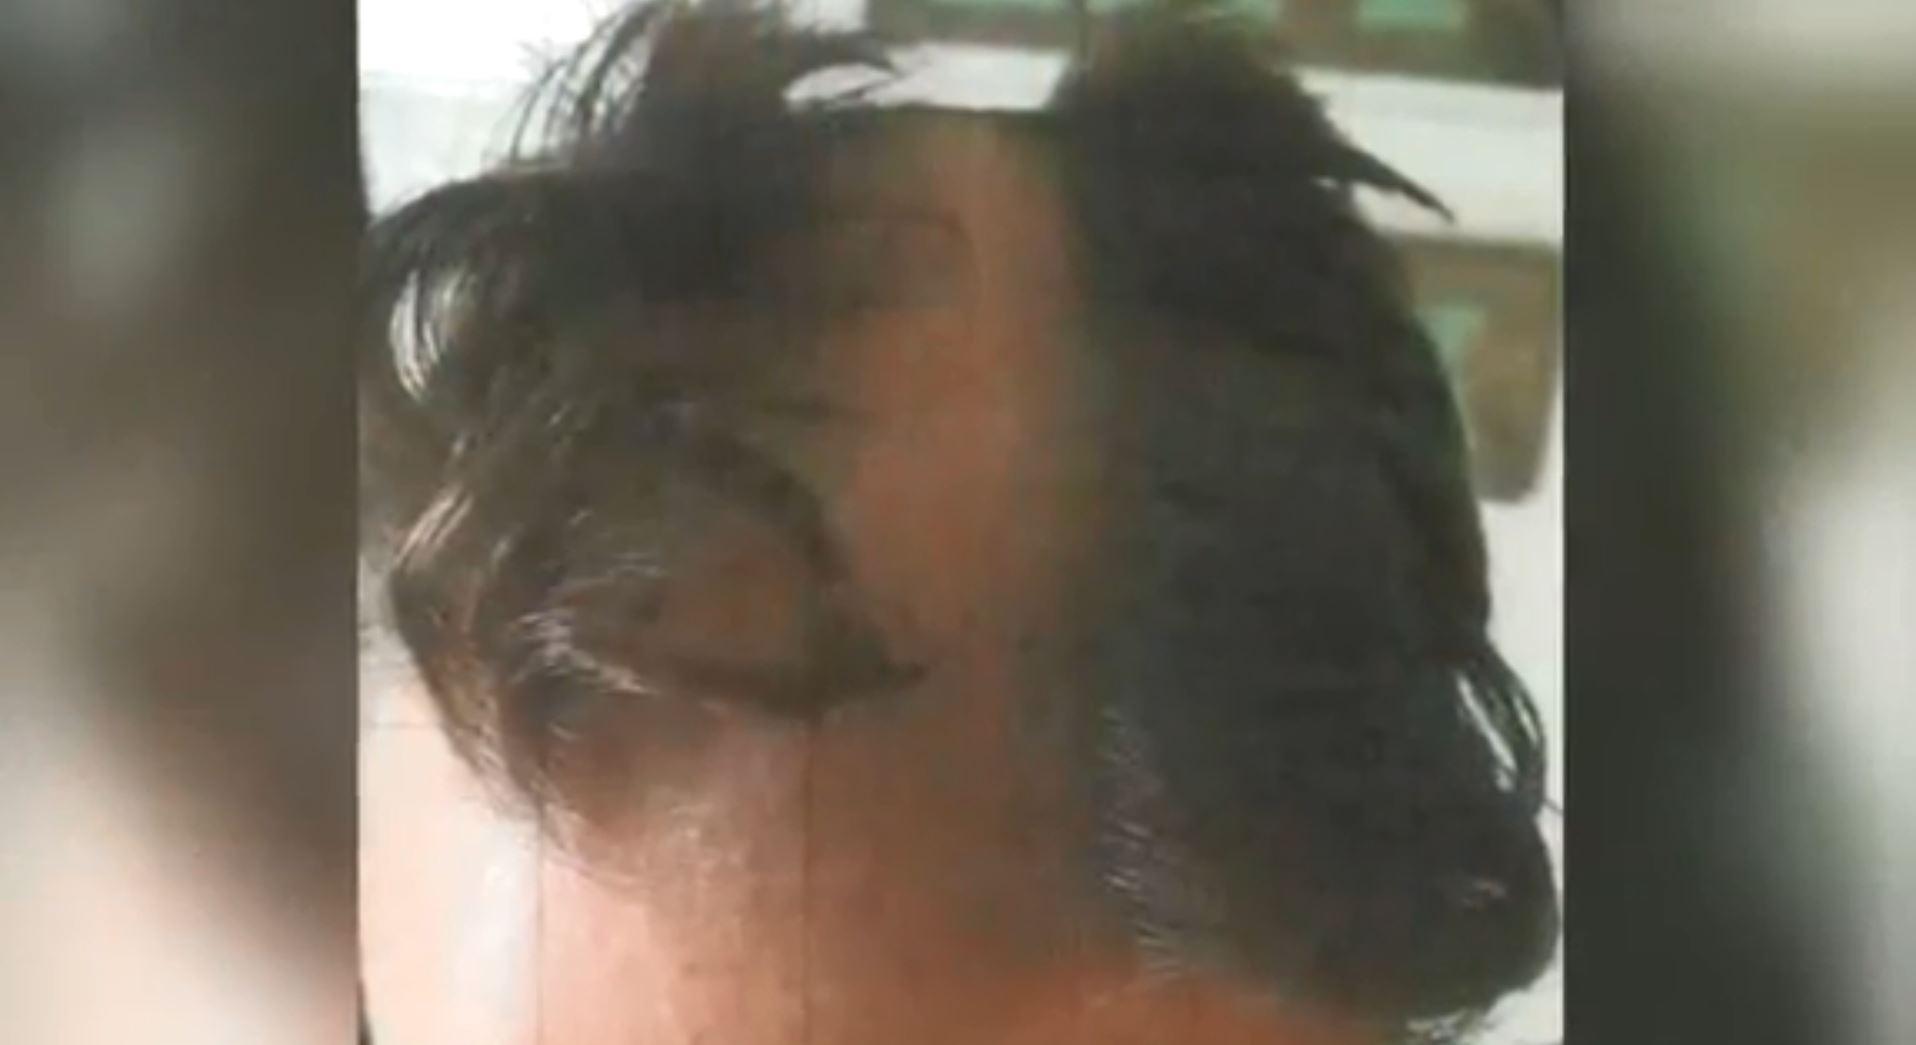 Barber_1514458214090.jpg